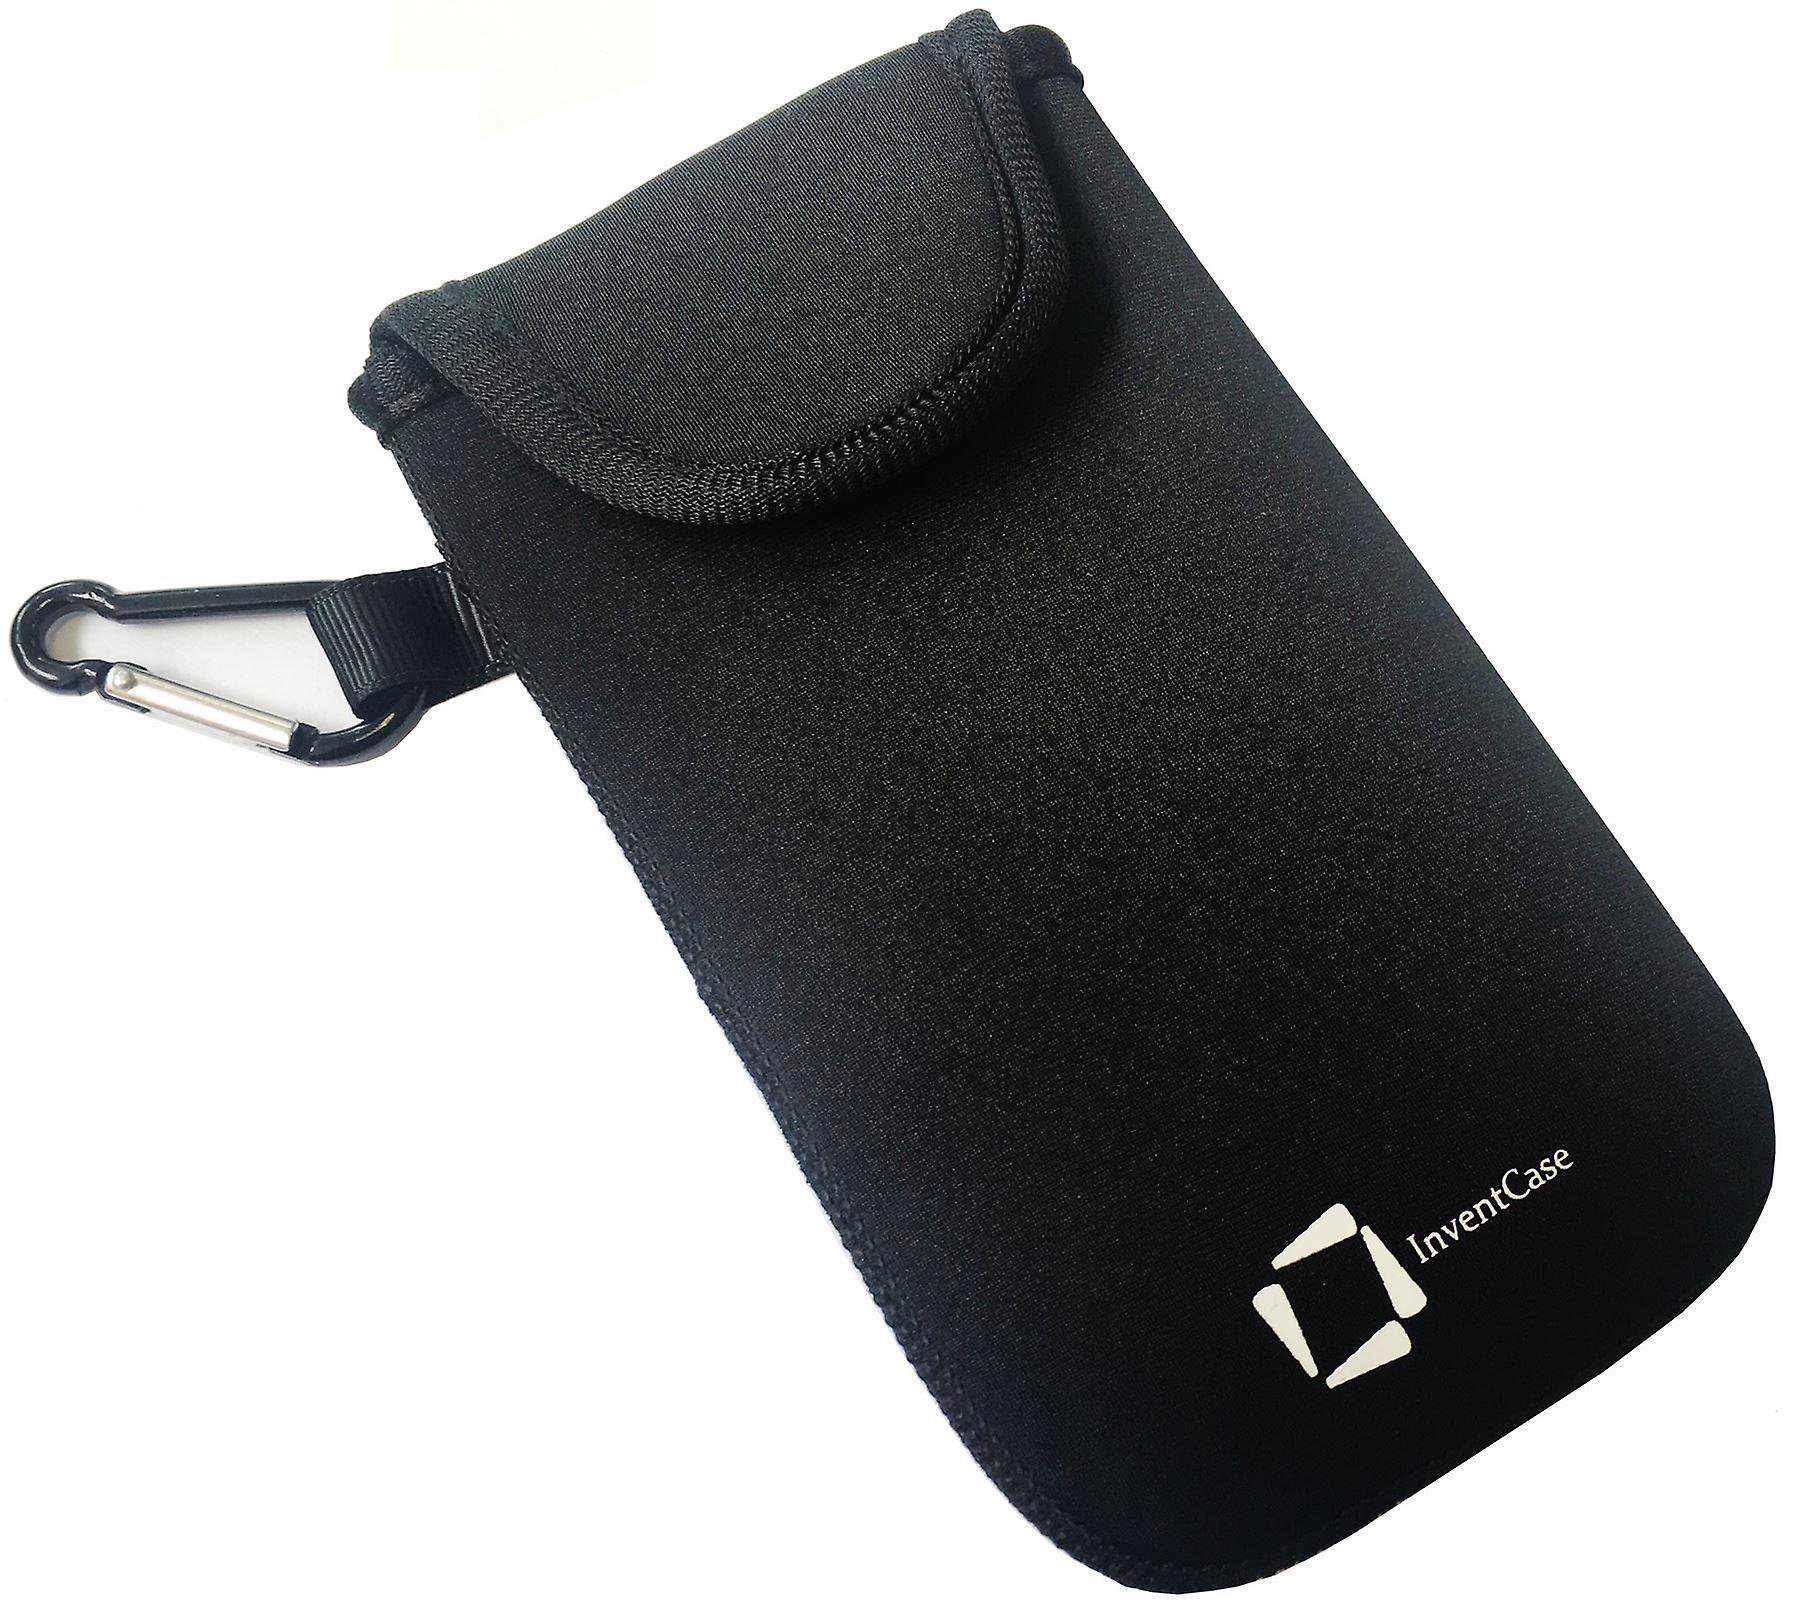 النيوبرين إينفينتكاسي الحقيبة واقية مقاومة لتأثير حالة الغطاء حقيبة مع الإغلاق Velcro و Carabiner الألومنيوم ل Y635 هواوي-أسود